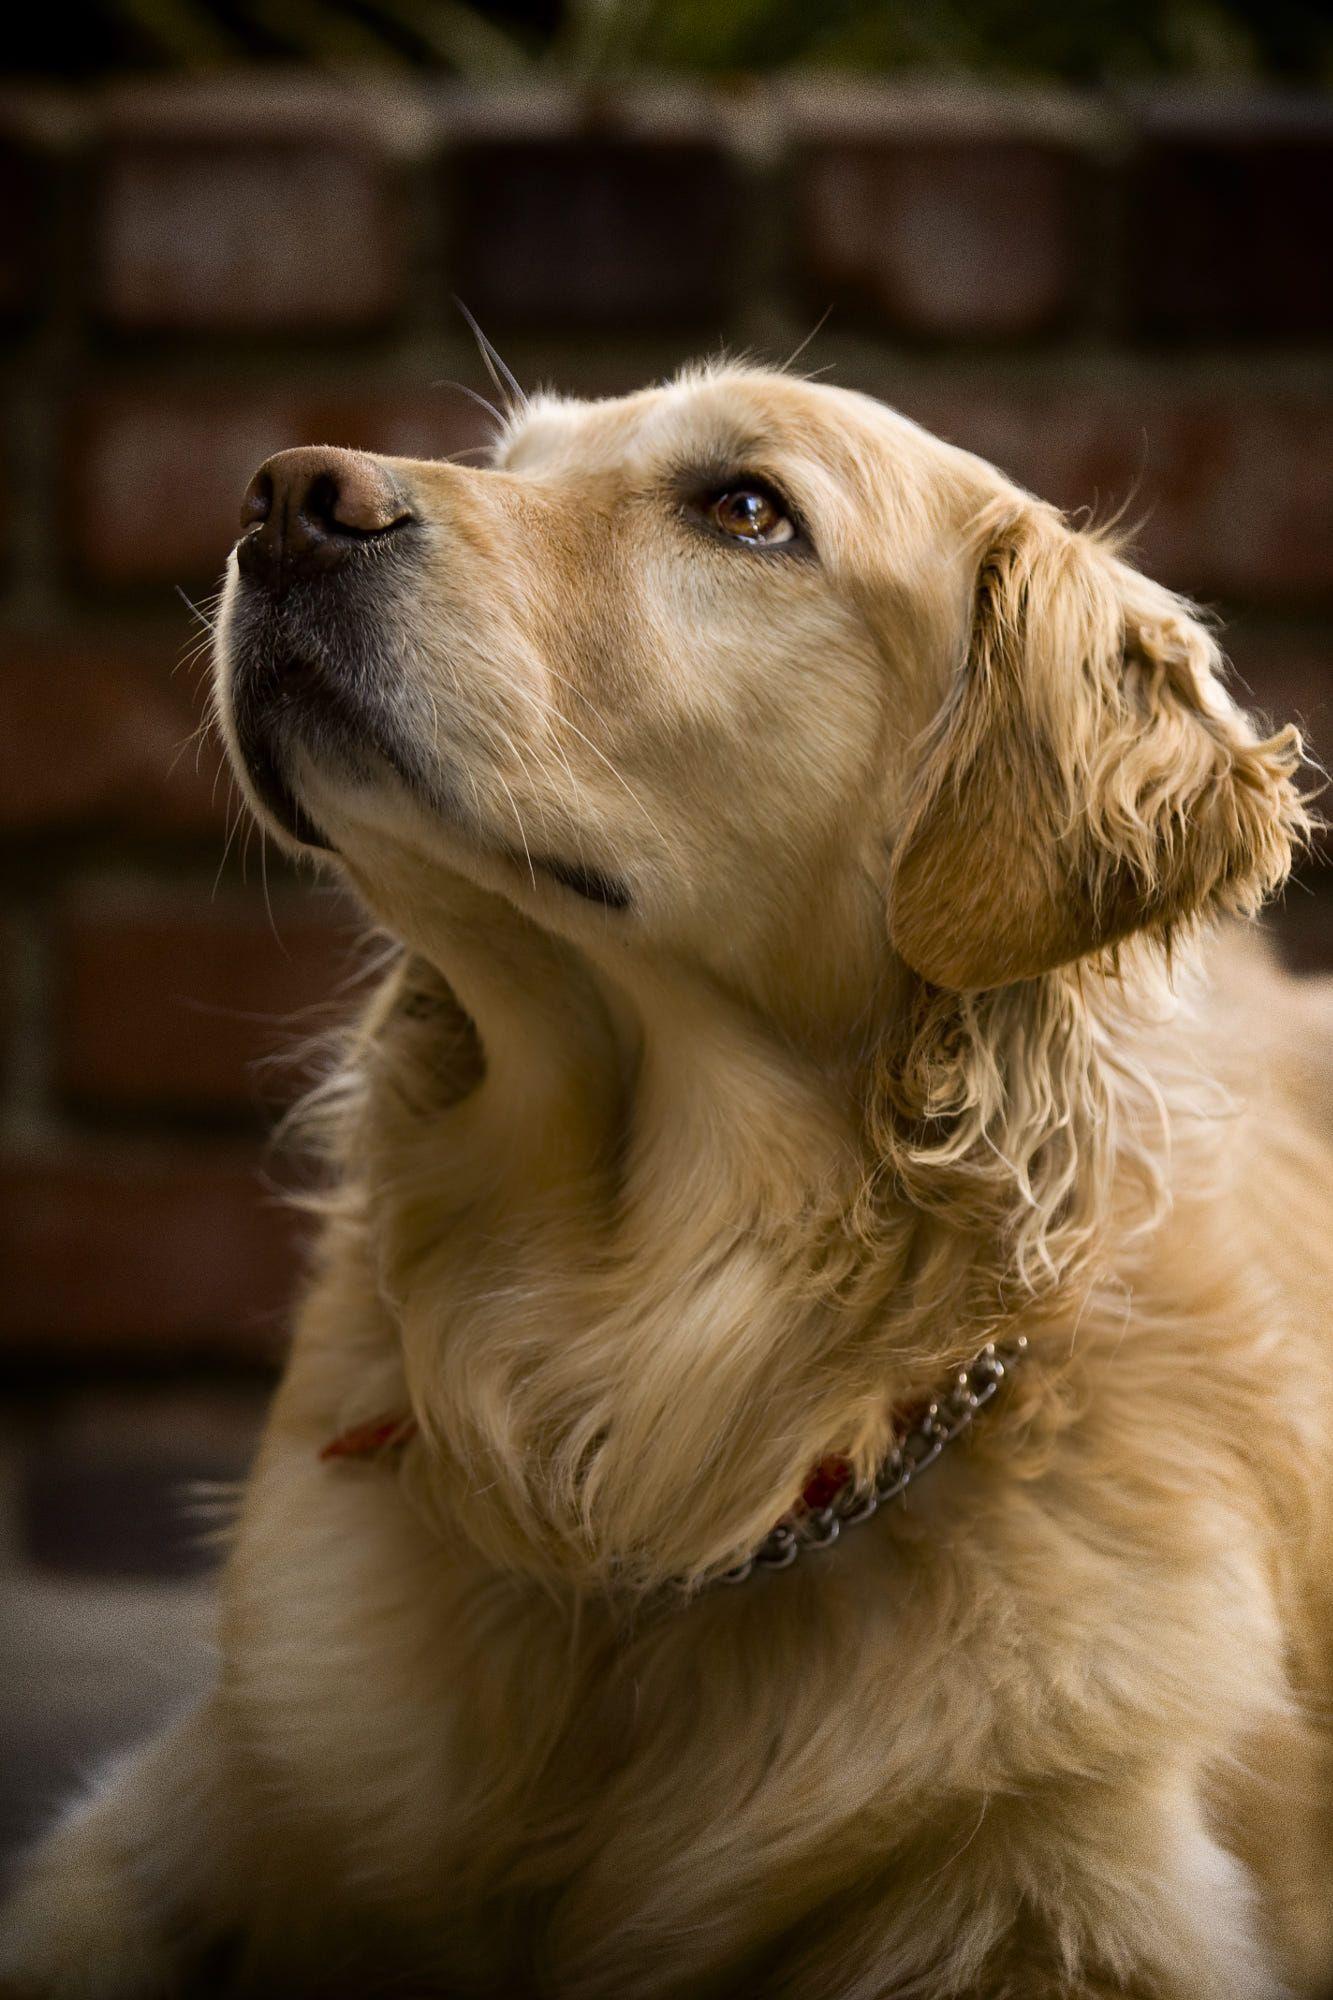 Golden Retriever Basking In Sun In 2020 Retriever Puppy Dogs Golden Retriever Golden Retriever